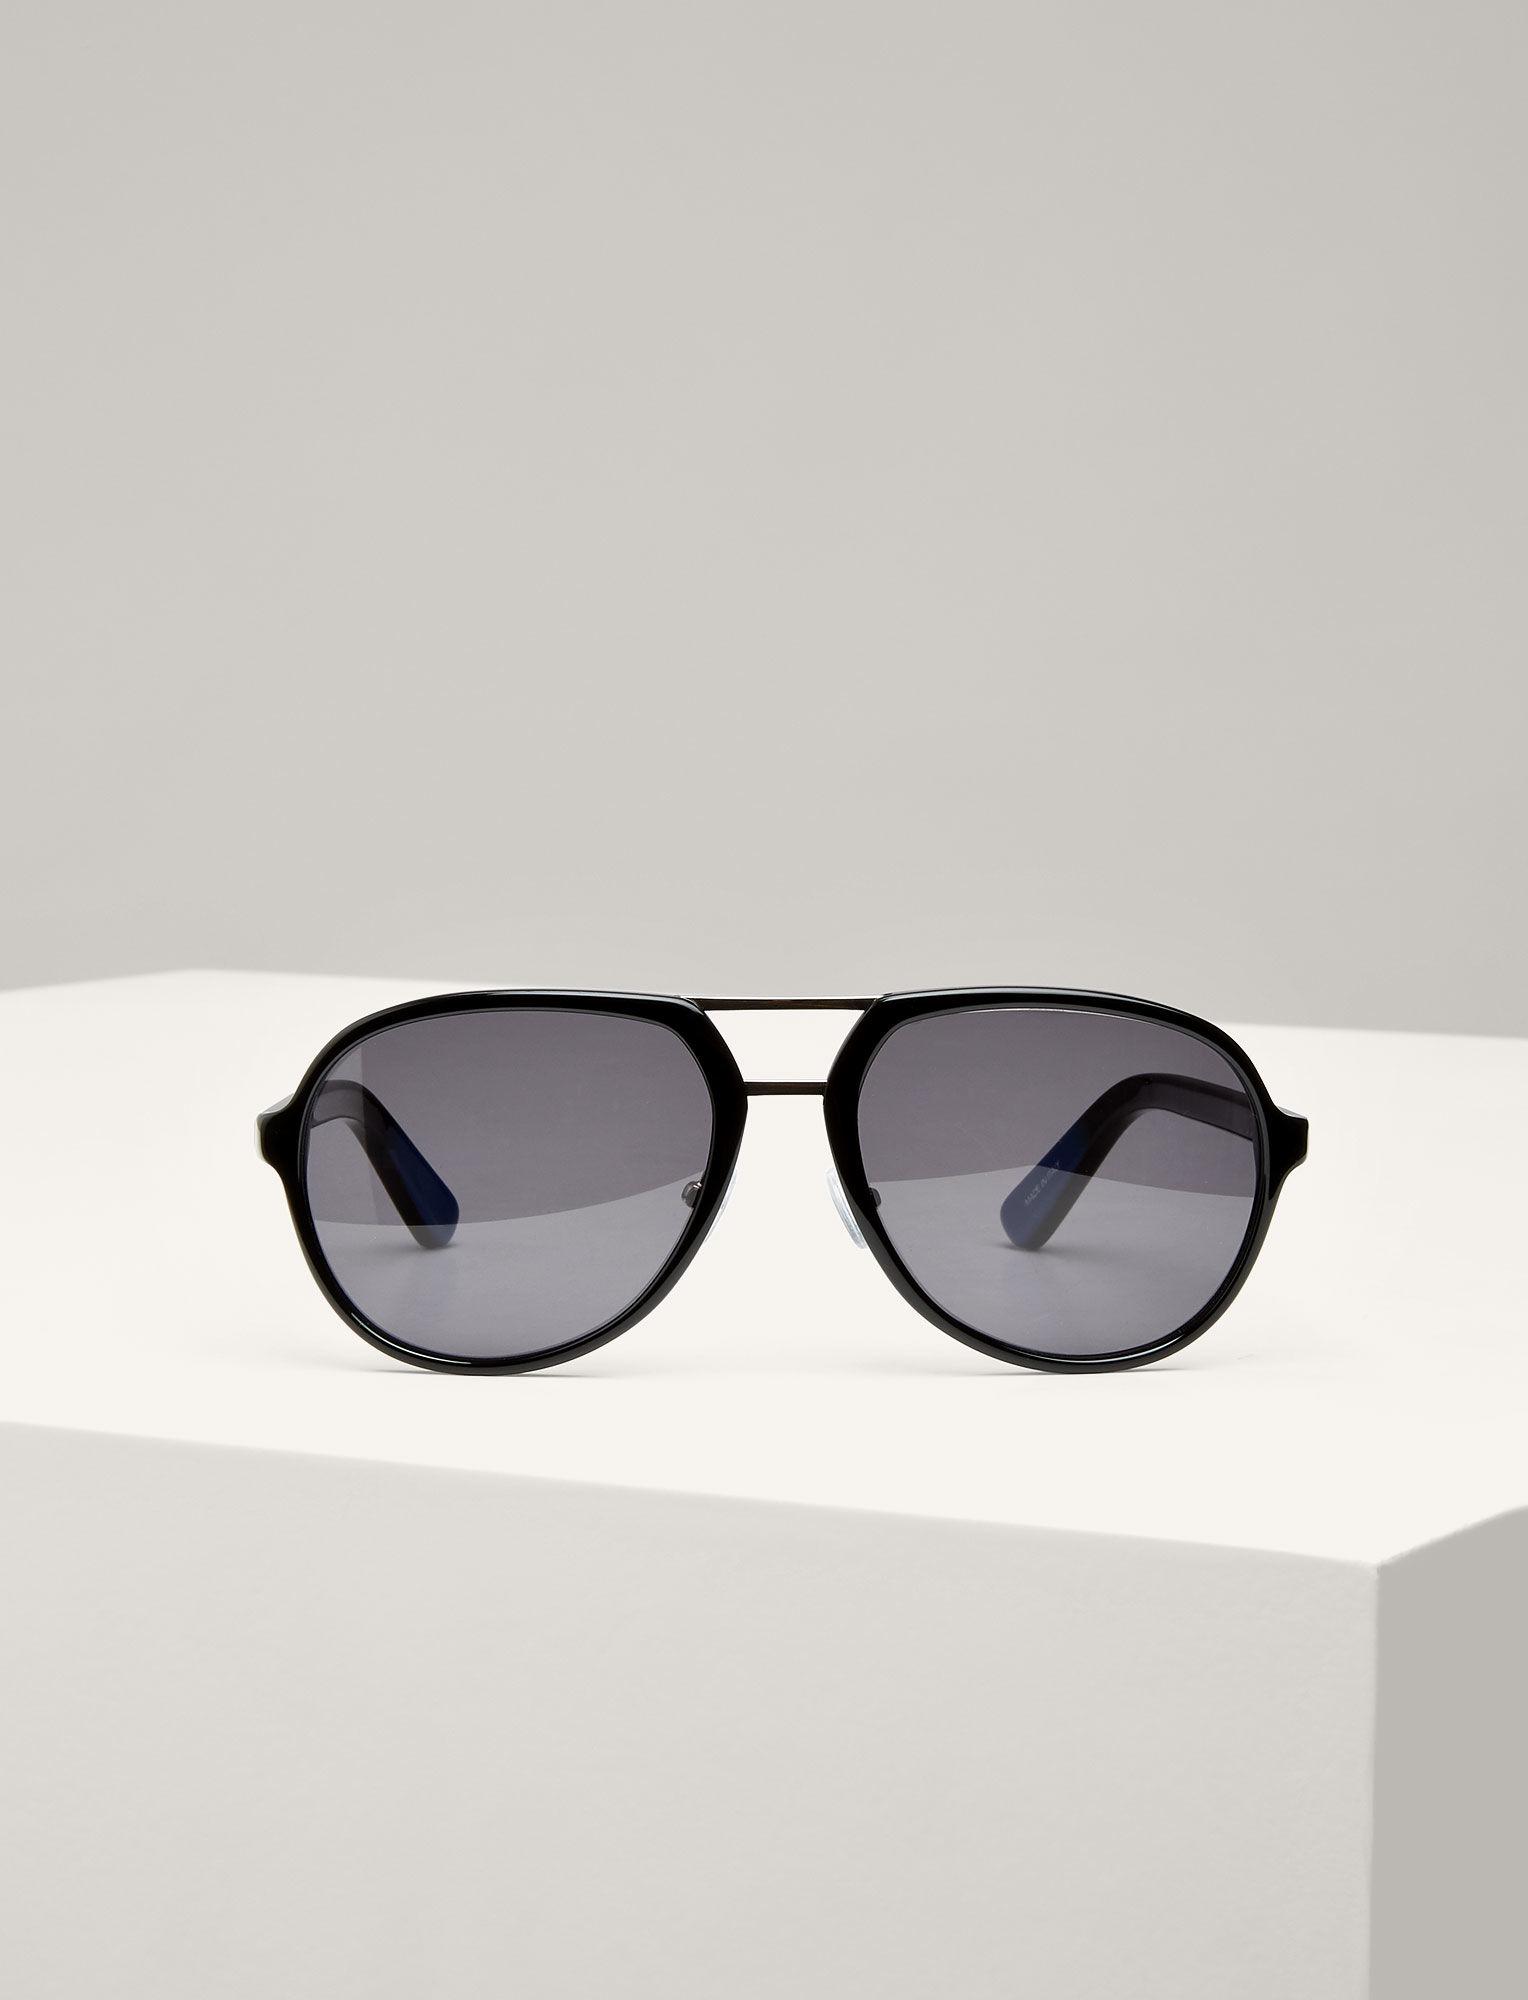 JOSEPH-Acetate+Metal-Duke-Sun-Eyewear-Black-dl0060010010-1.jpg